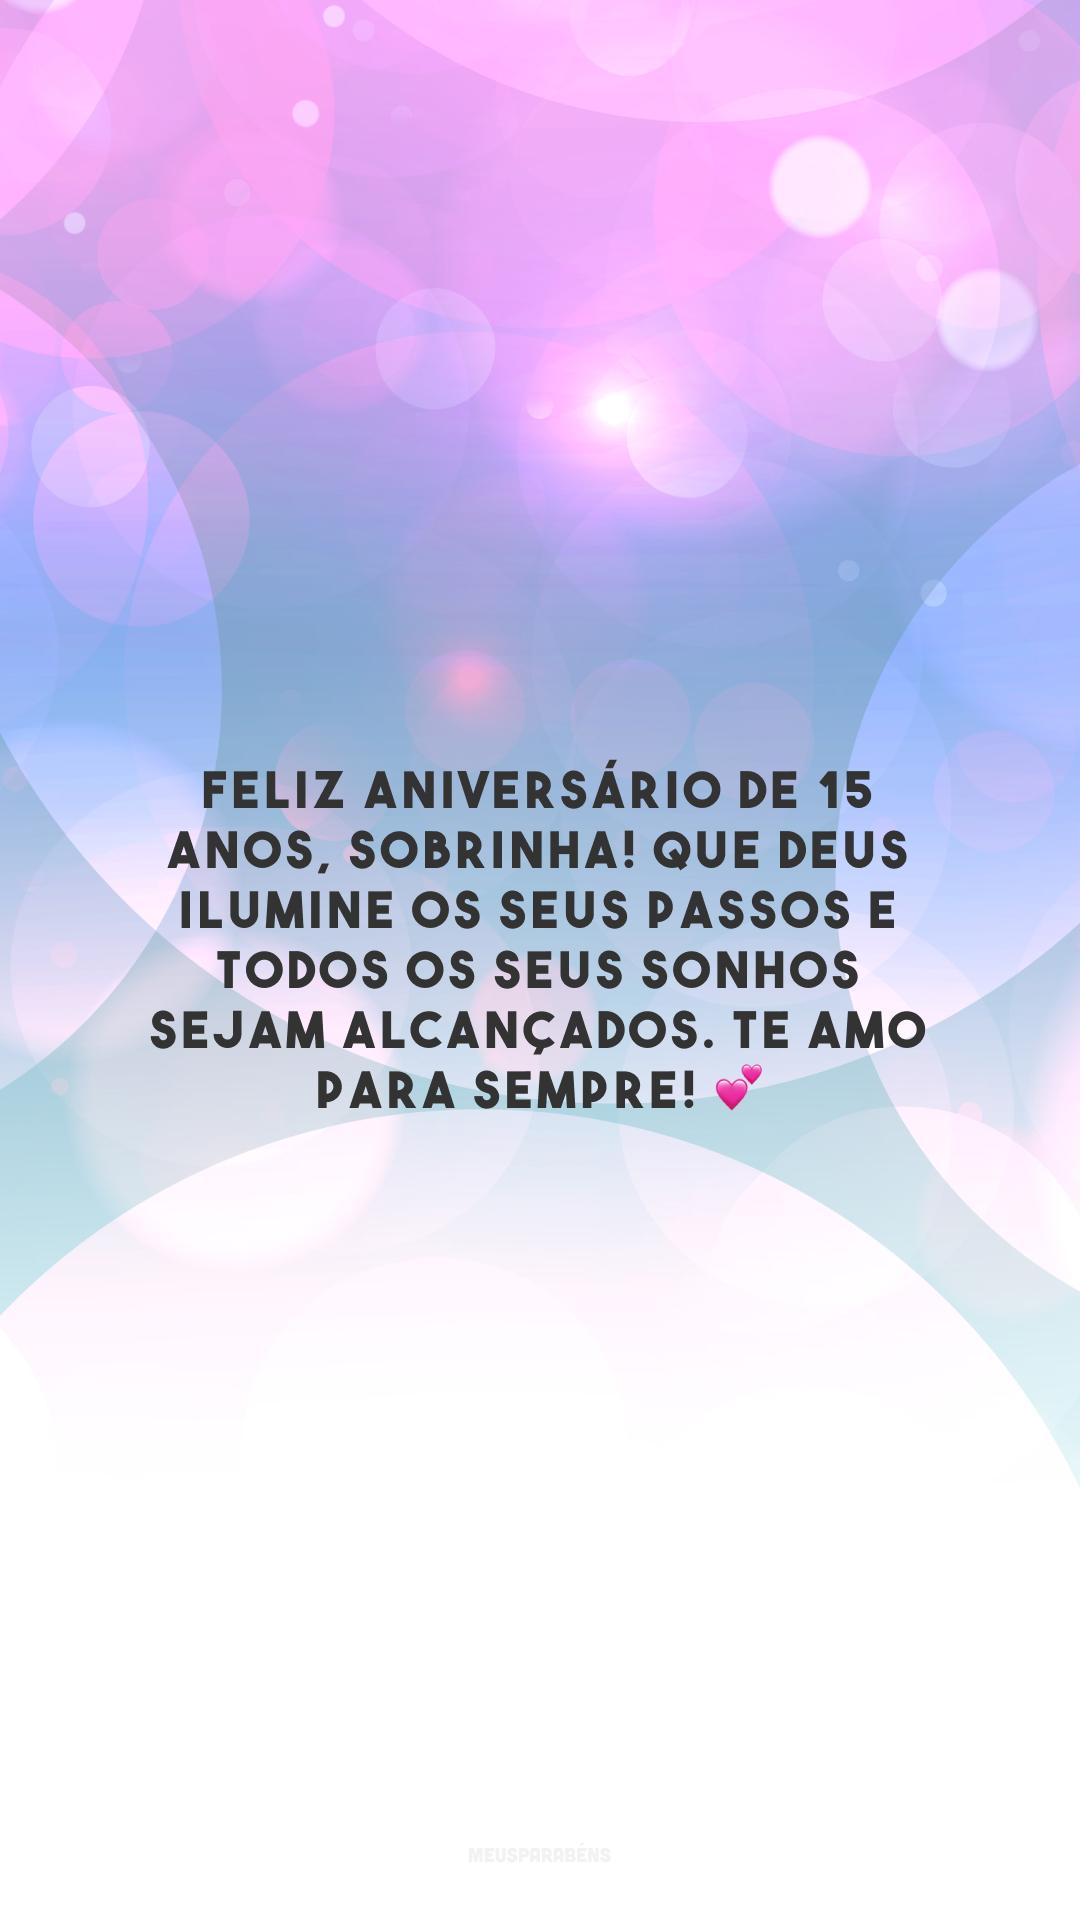 Feliz aniversário de 15 anos, sobrinha! Que Deus ilumine os seus passos e todos os seus sonhos sejam alcançados. Te amo para sempre! 💕